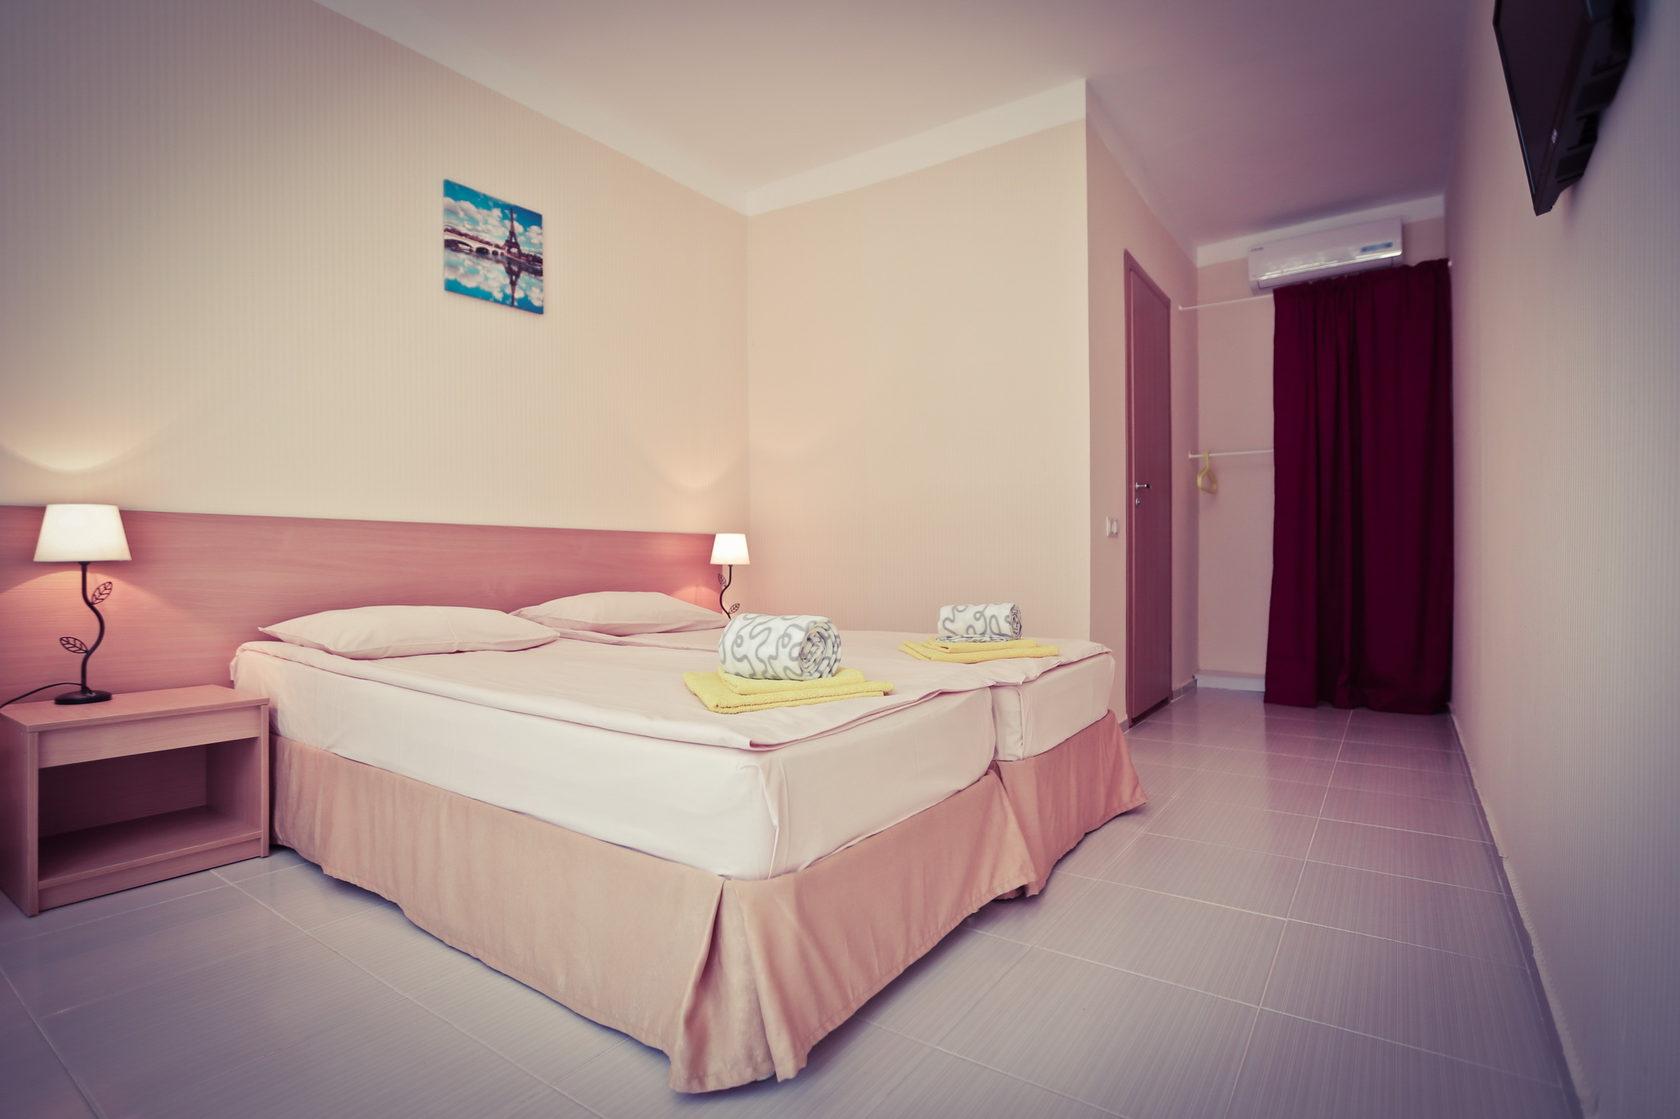 Кровати в двухместном номере Стандарт в отеле Марсель, Лермонтово